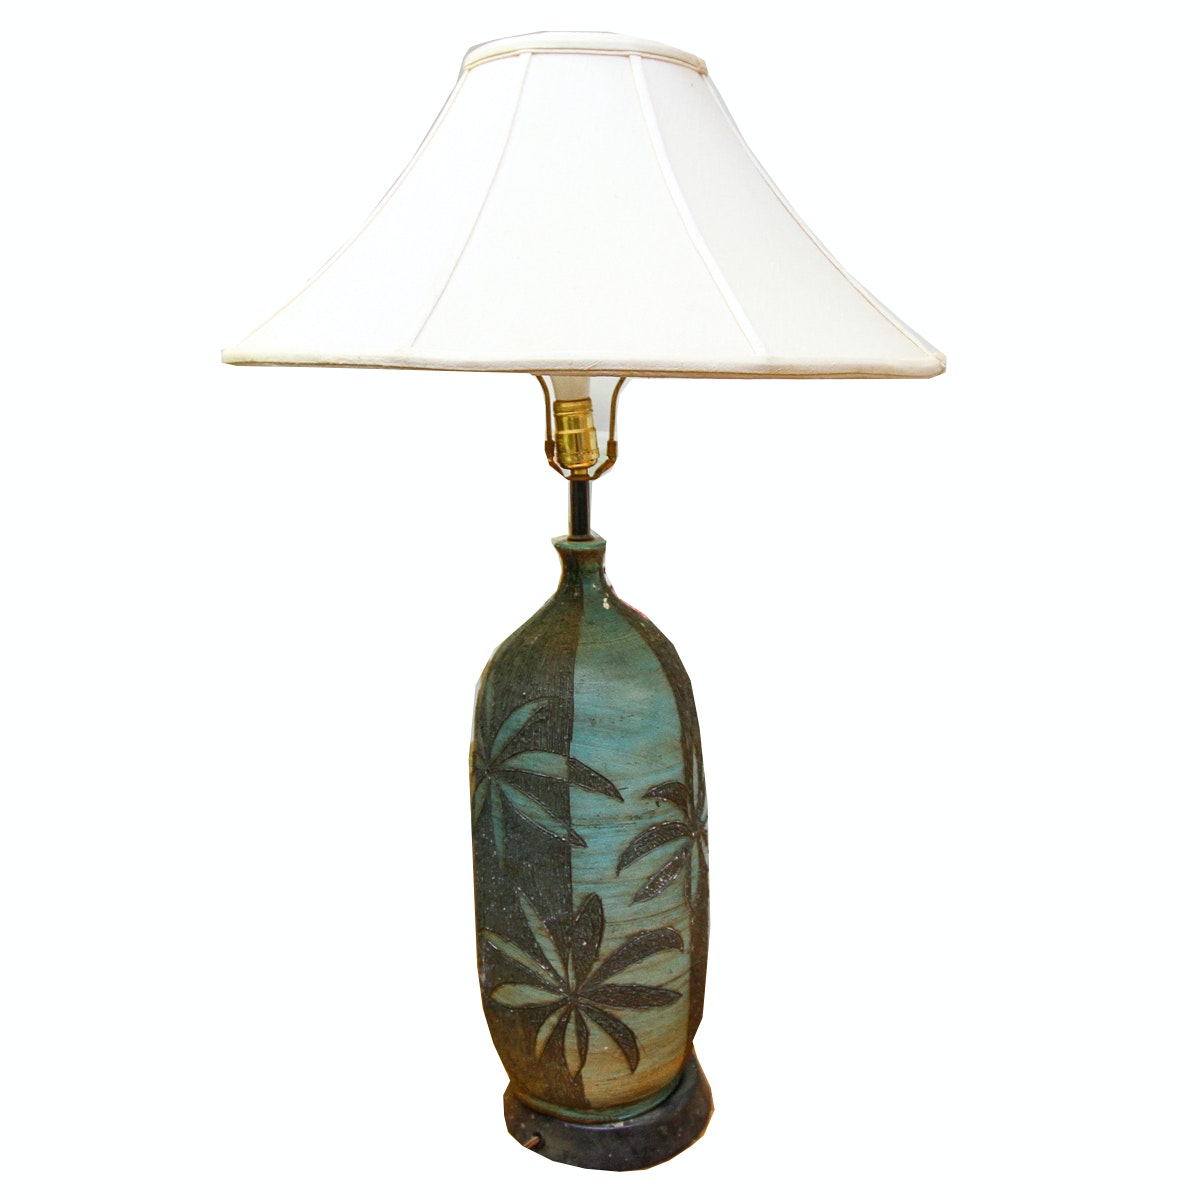 Vintage Leaf Designed Table Lamp